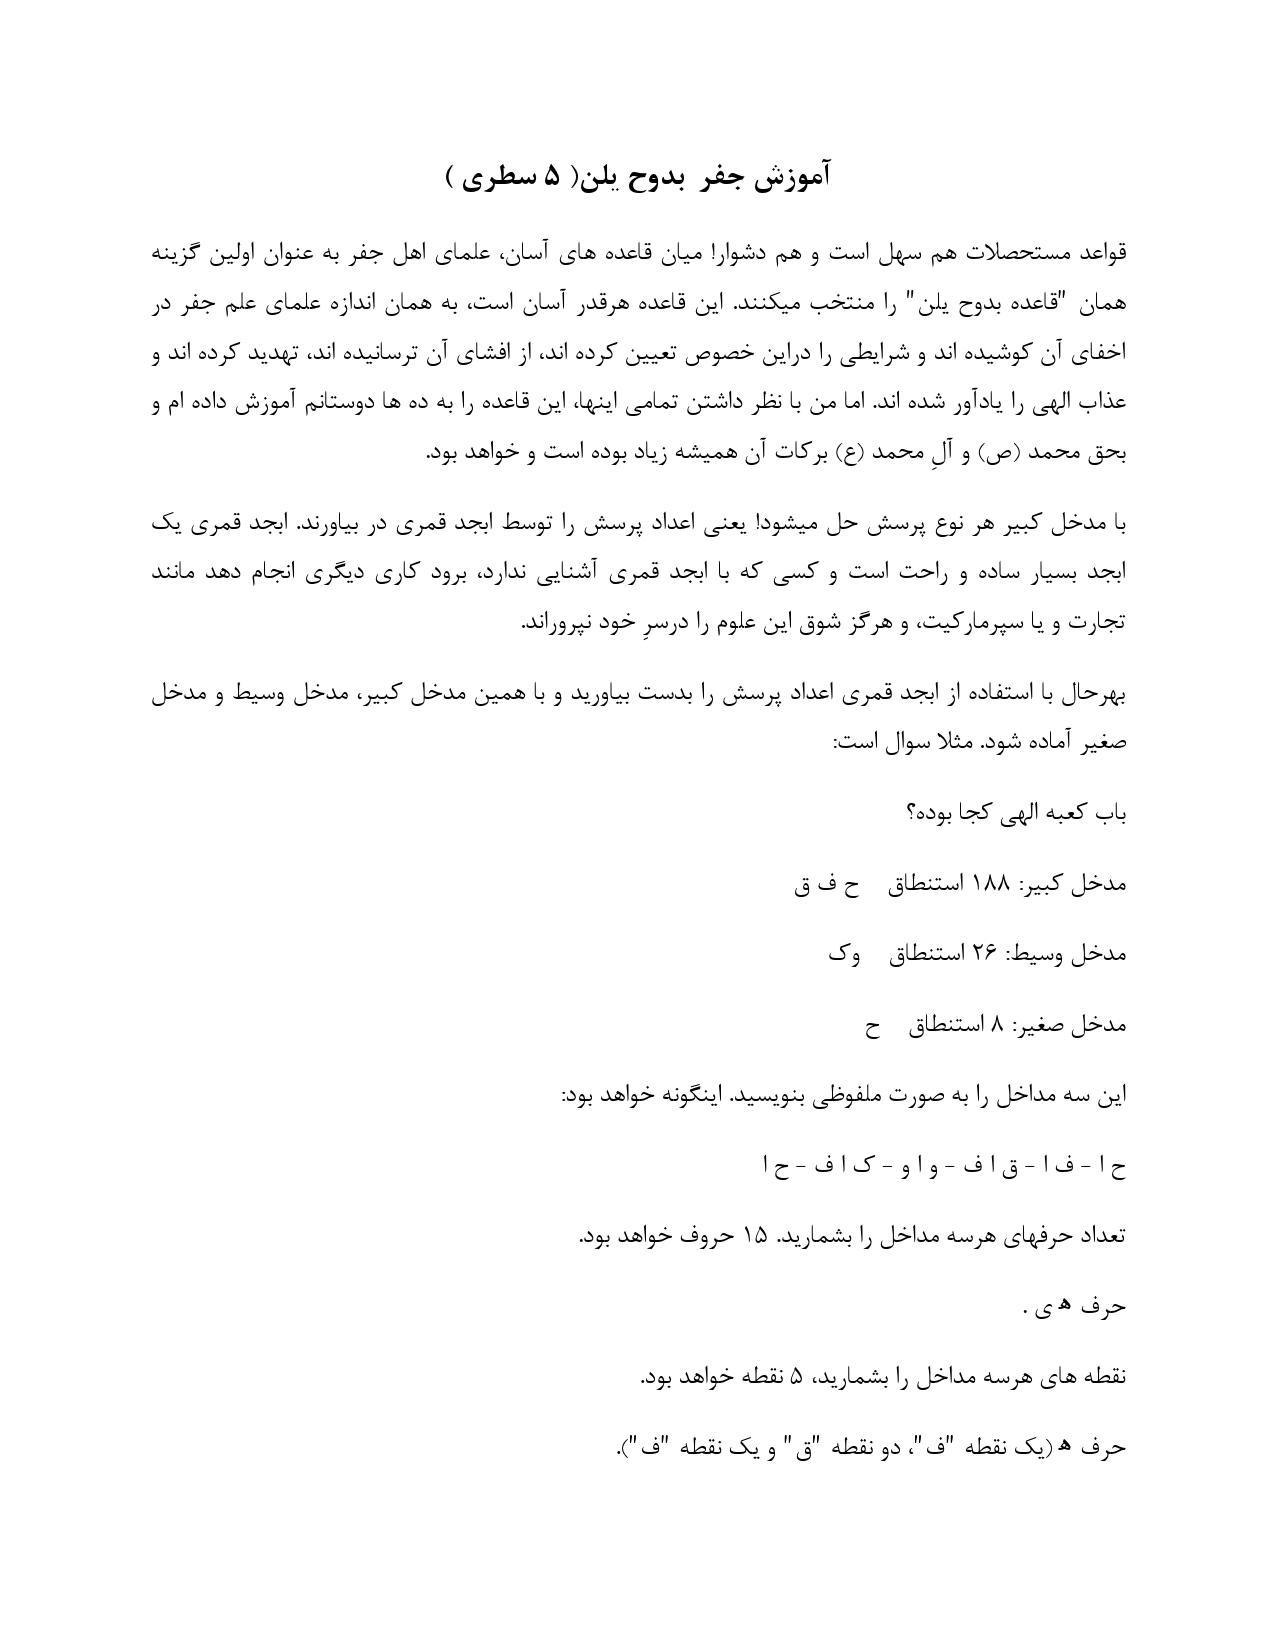 آموزش جفر بدوح یلن( 5 سطری )_000001